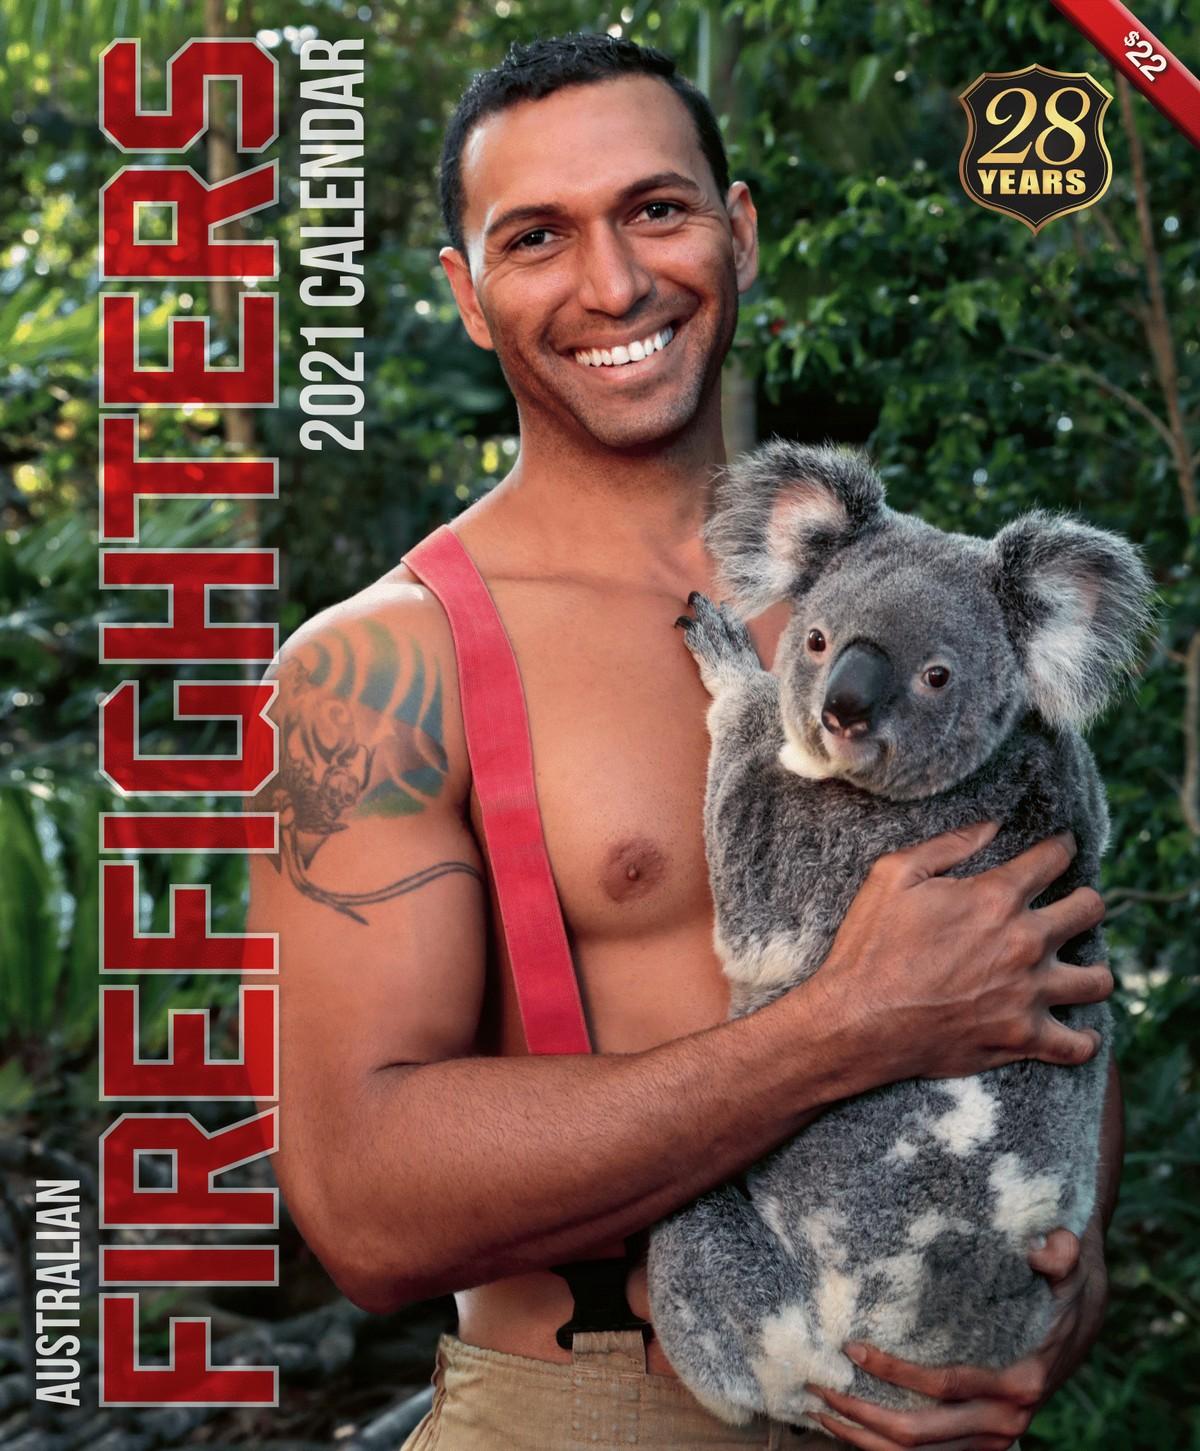 Календари с австралийскими пожарными на 2021 год